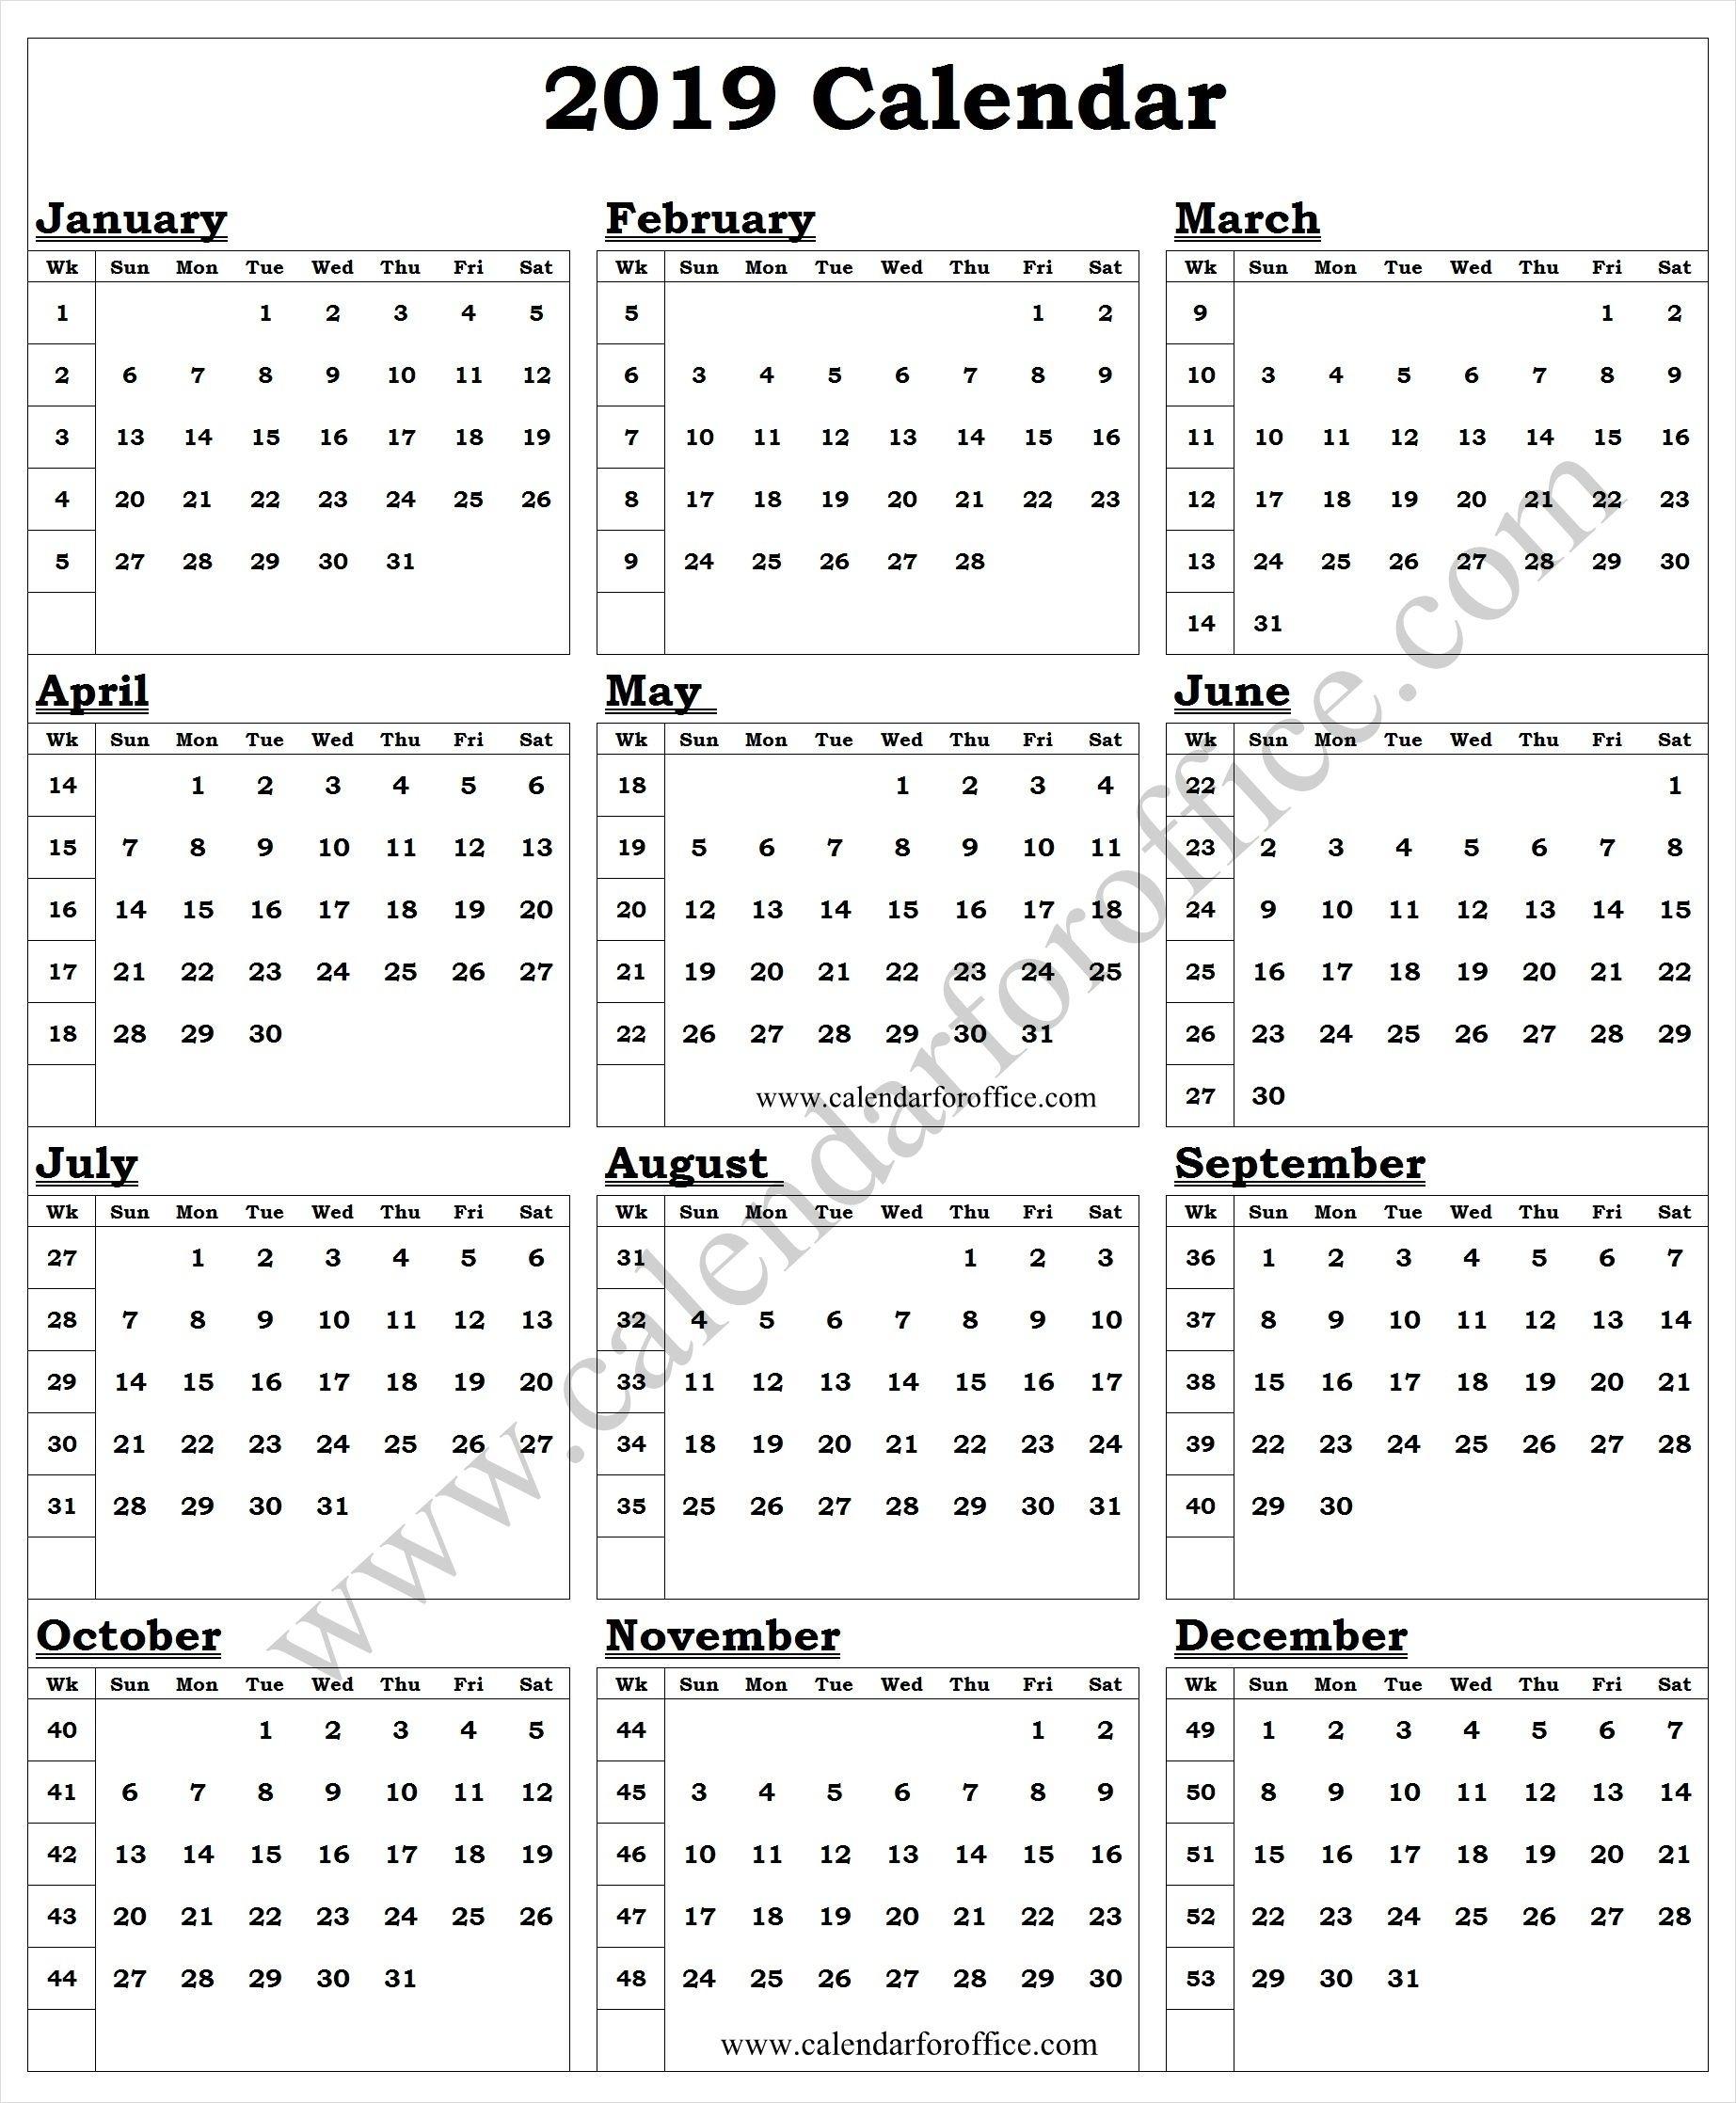 2019 Year Calendar With Week Numbers | Calendar With Week